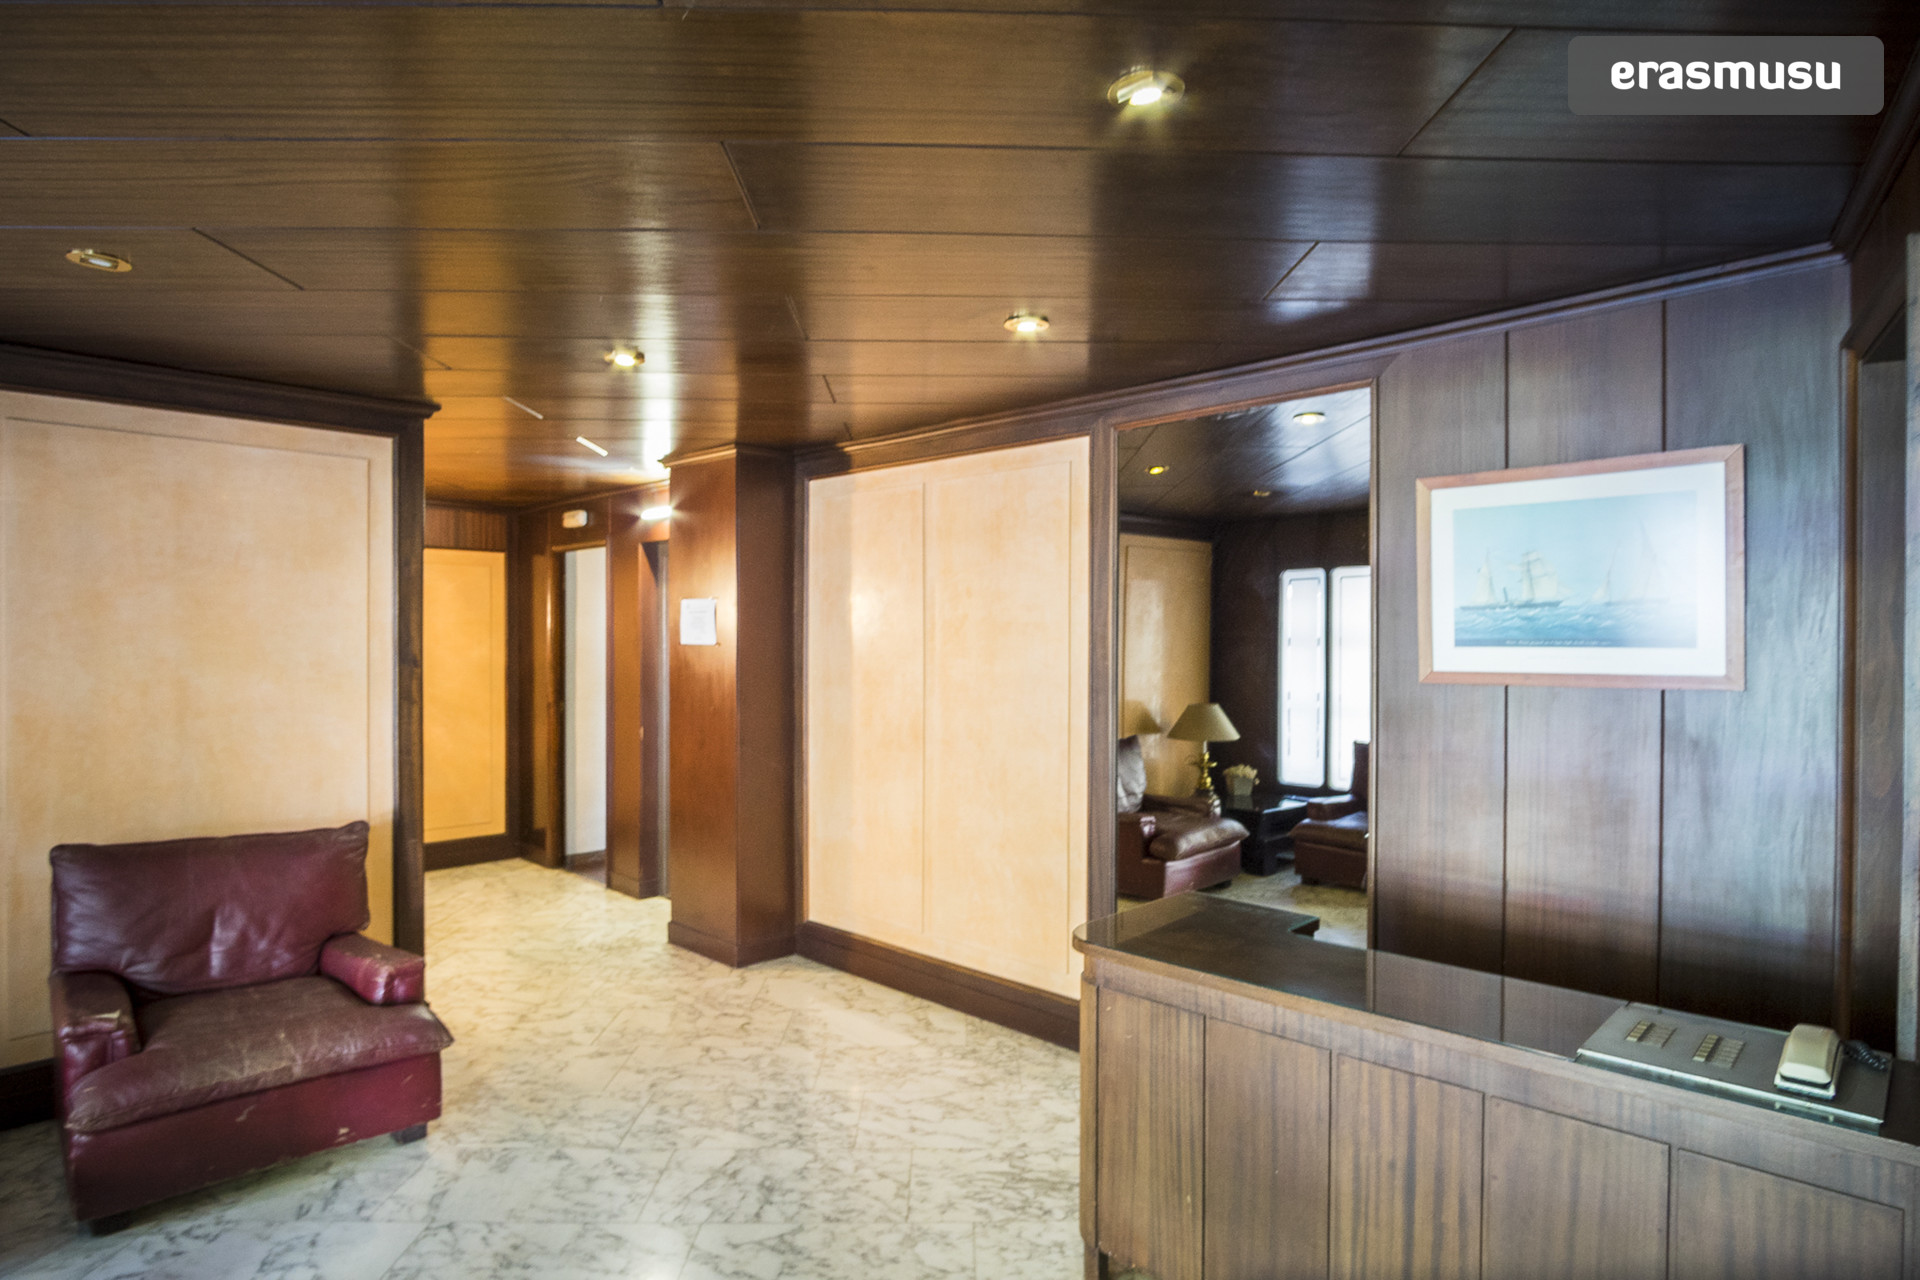 Estupenda habitación en piso amplio de 145m2 mixto de estudiante